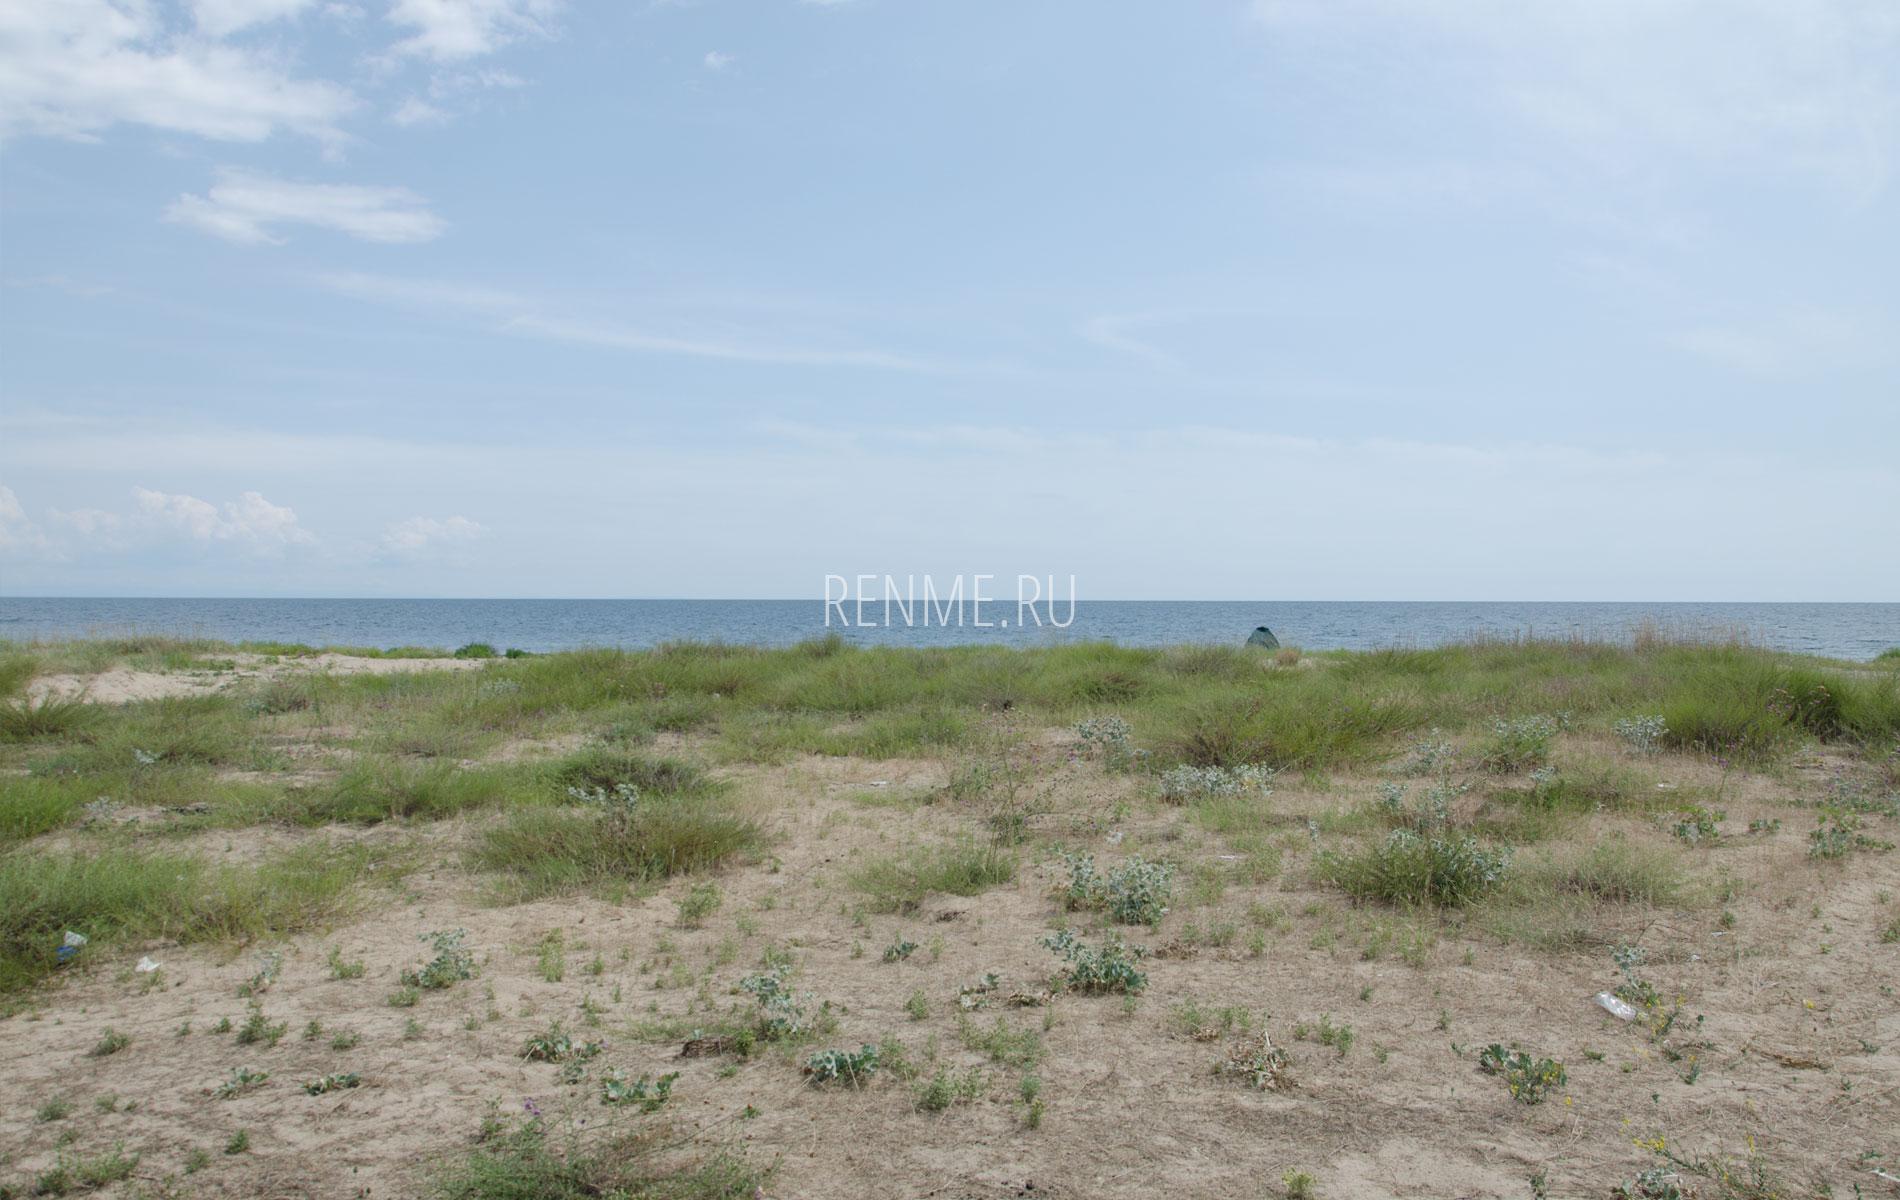 Дикий пляж летом 2019 под Молочным. Фото Молочного